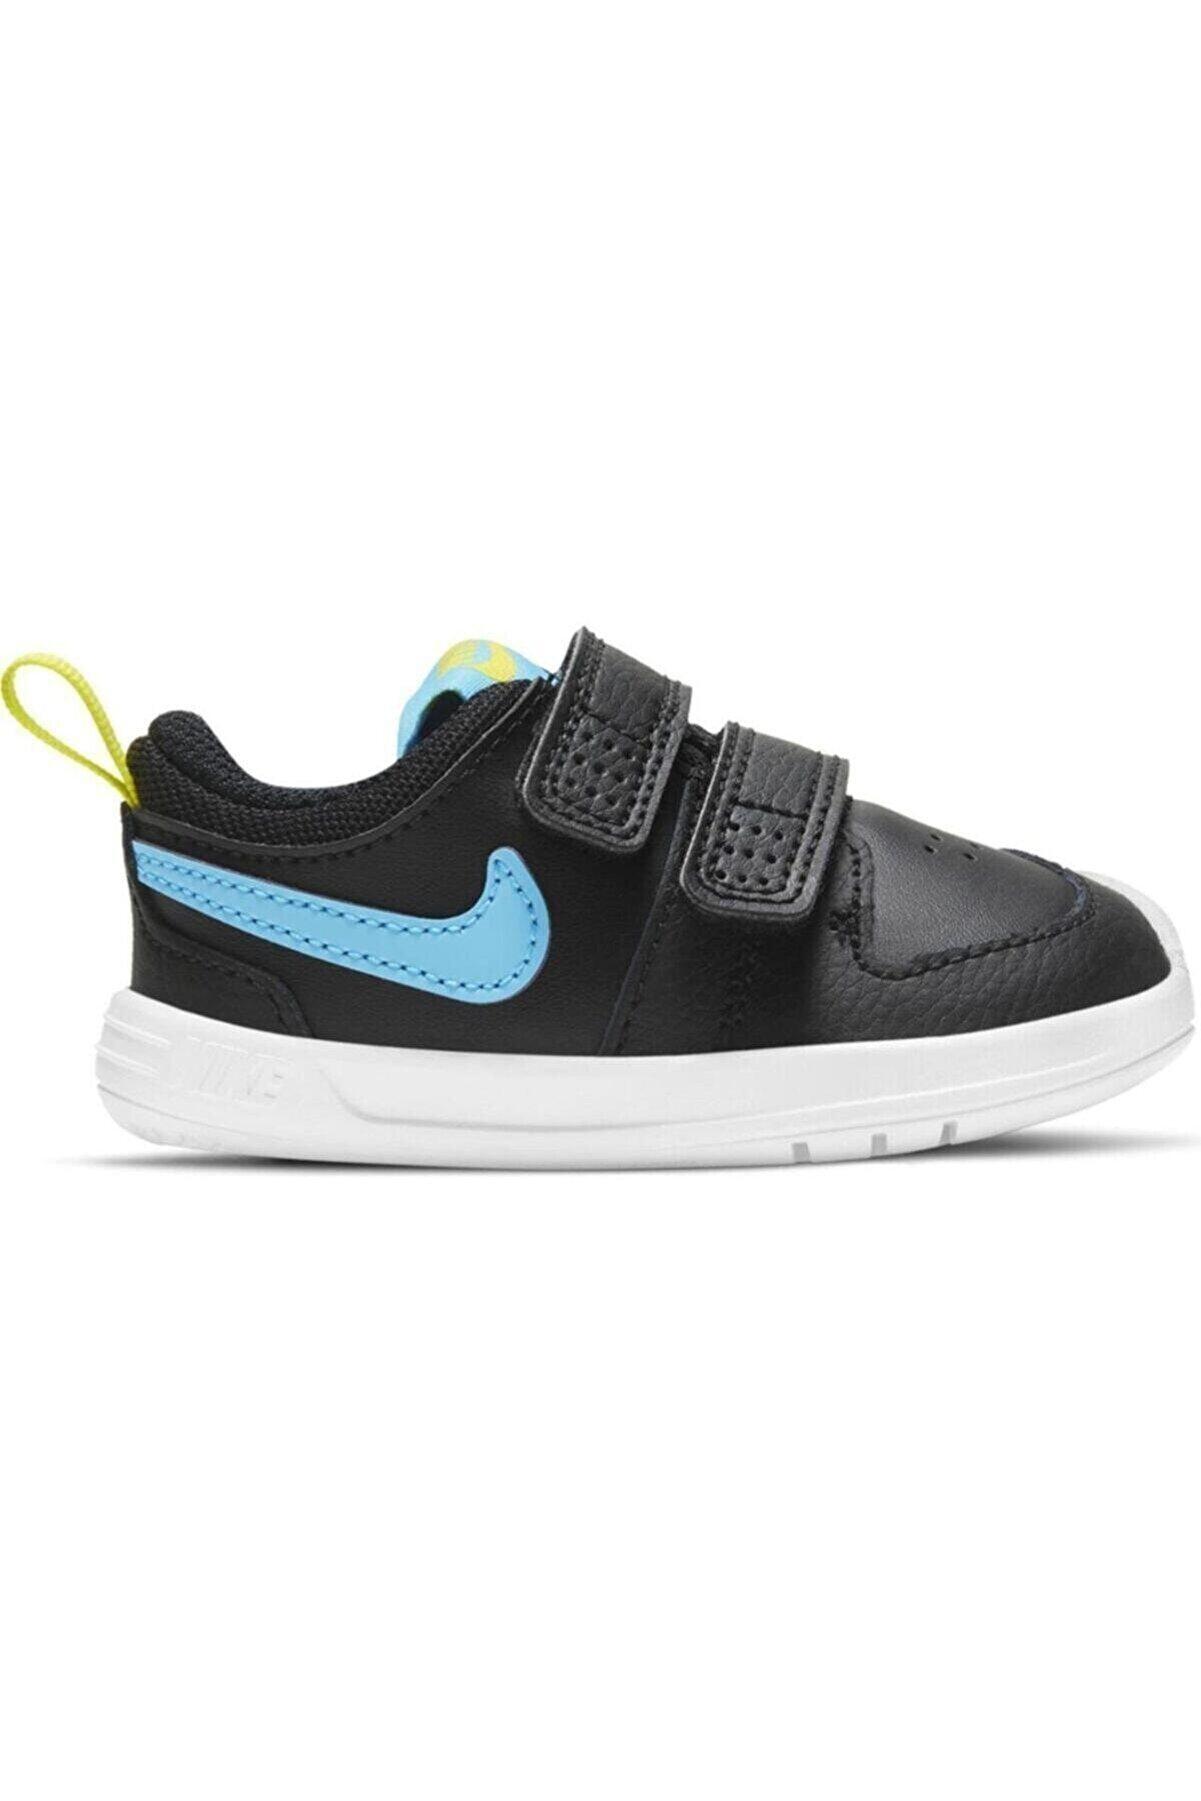 Nike Unisex Bebek Günlük Spor Ayakkabı Ar4162 006(dar Kalıp)